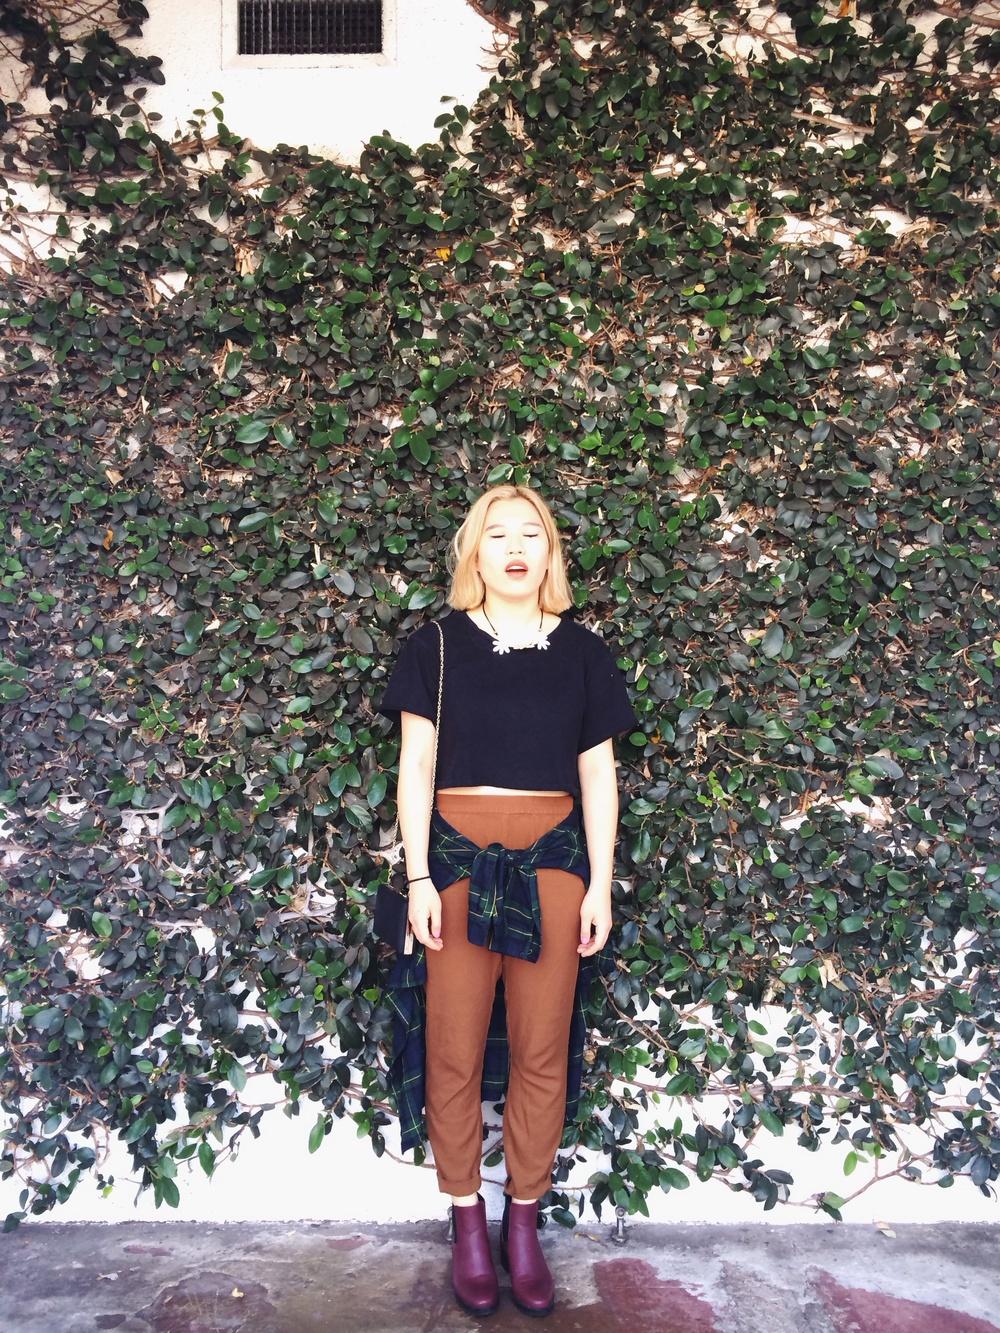 Taken in Hollywood,CA in April 2015.